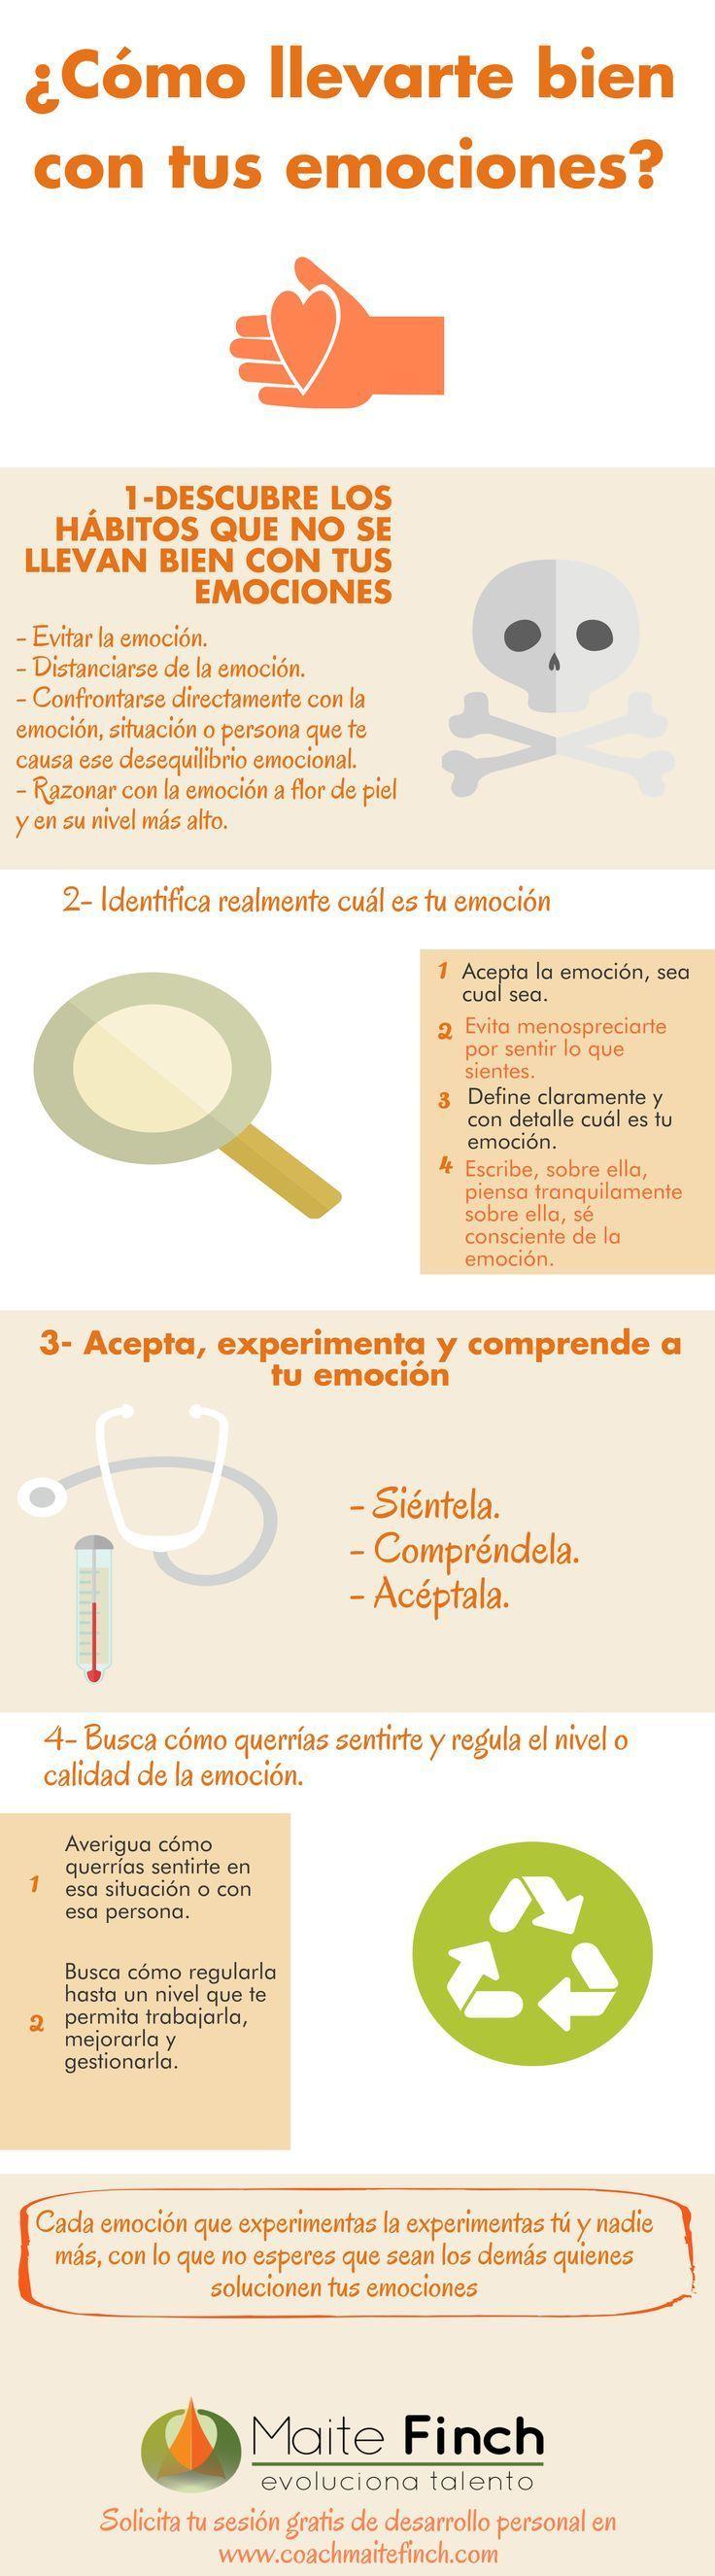 """Hola: Compartimos una infografía sobre """"Como llevarte Bien con tus Emociones"""". Un gran saludo. Fuente: Maite Finch Enlaces de interés: 12 Puntos Importantes sobre las Emociones Identi..."""